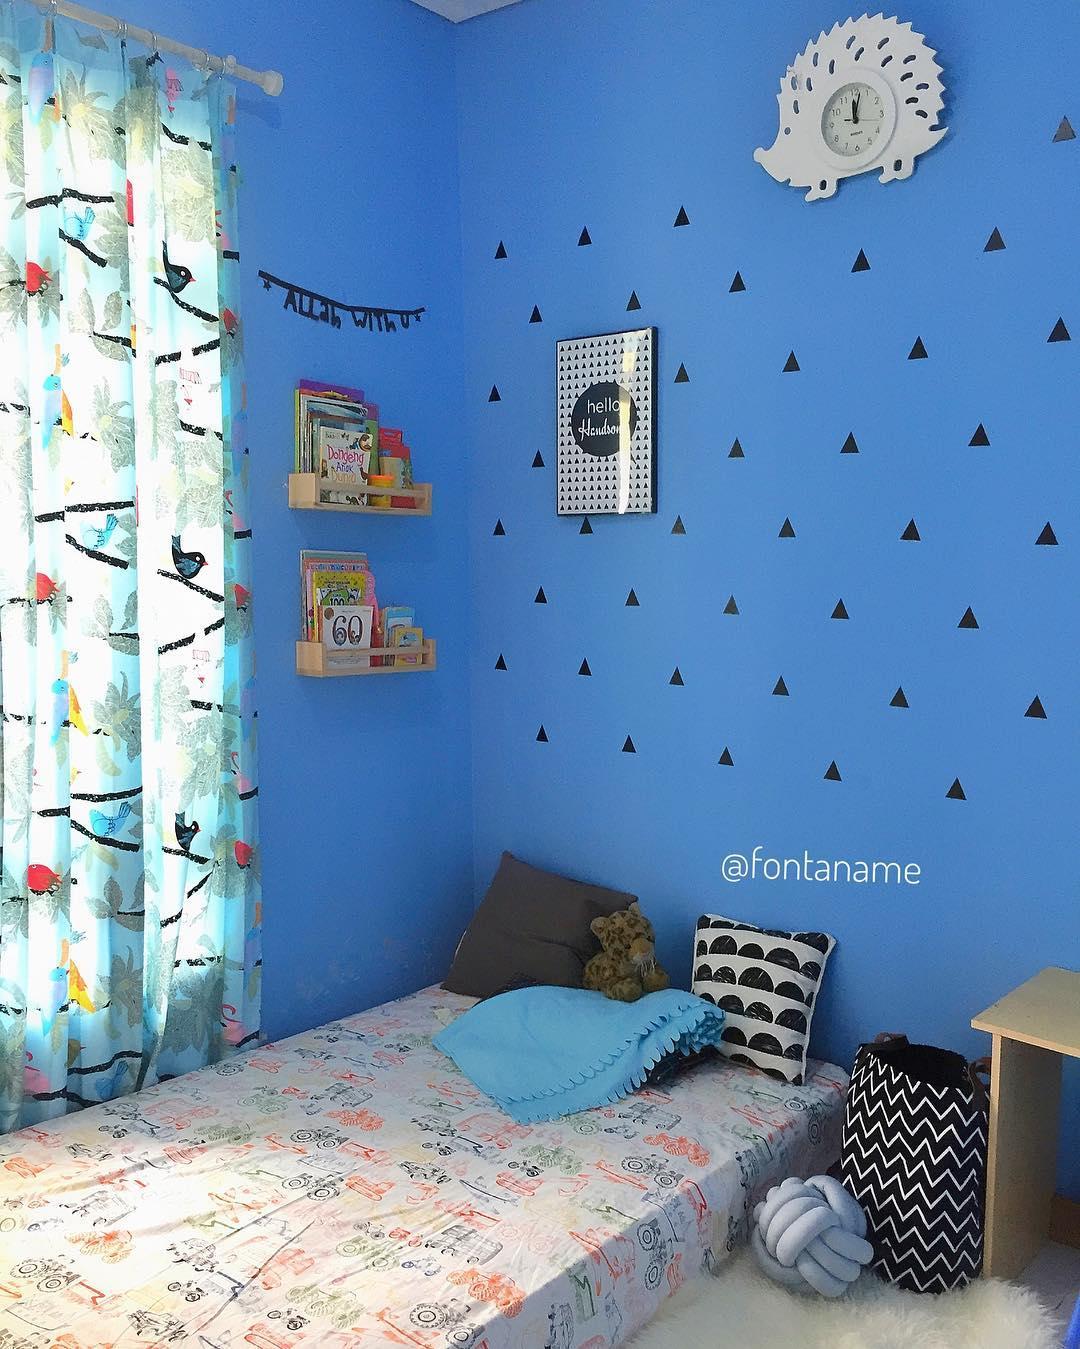 45 dekorasi kamar anak perempuan minimalis lagi ngetrend 2019